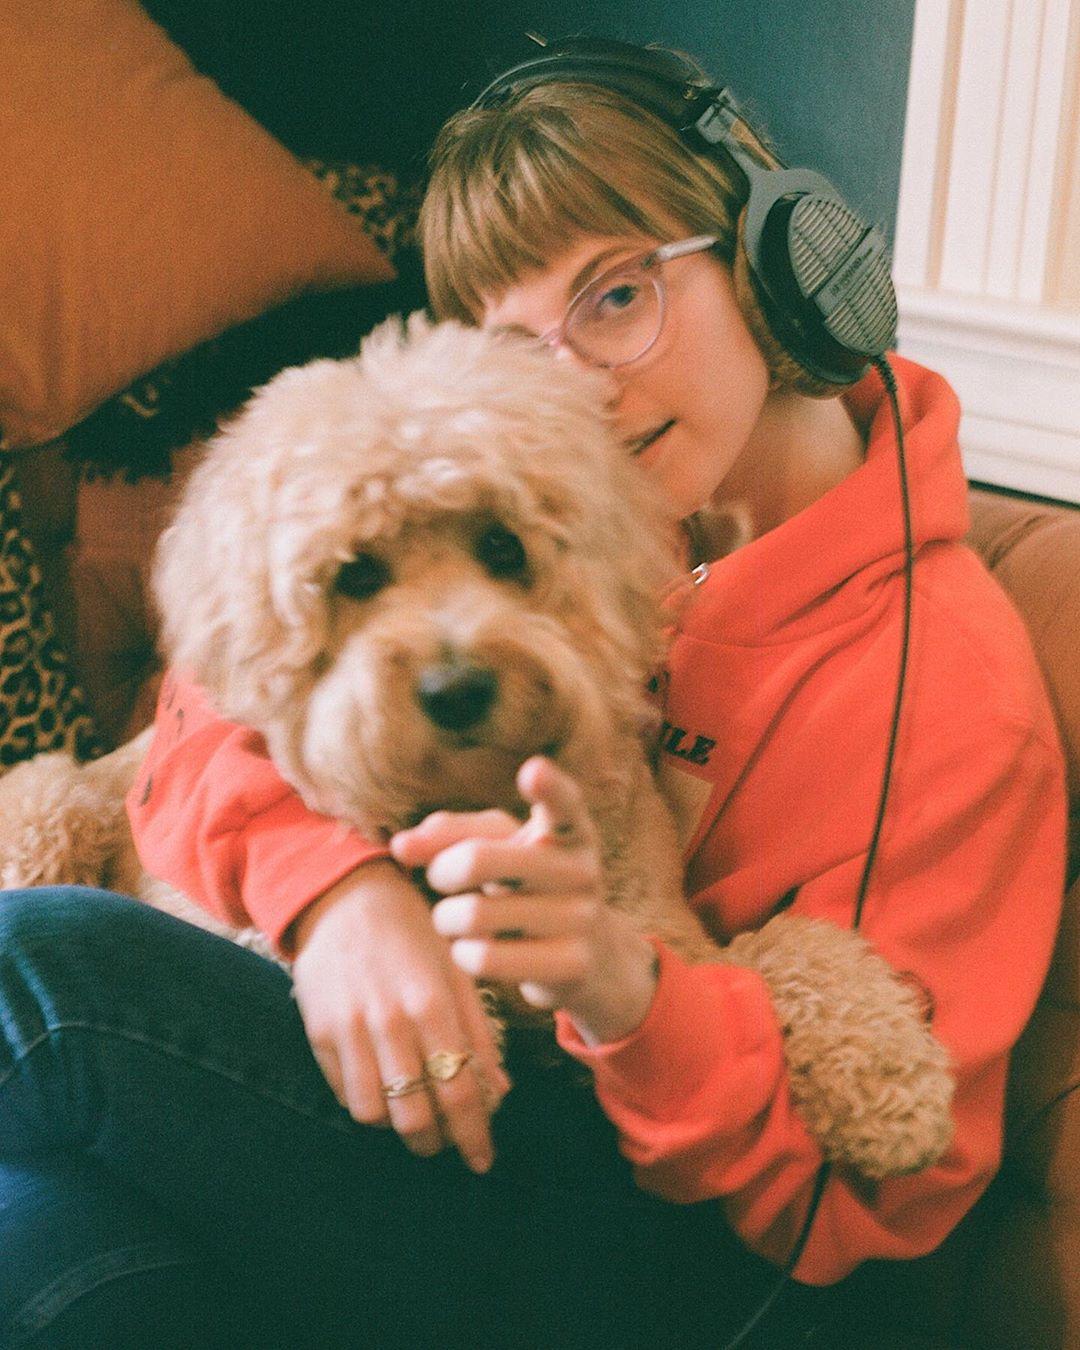 7 lanzamientos recientes que debes escuchar: Hayley Williams + HANA + Purity Ring y más